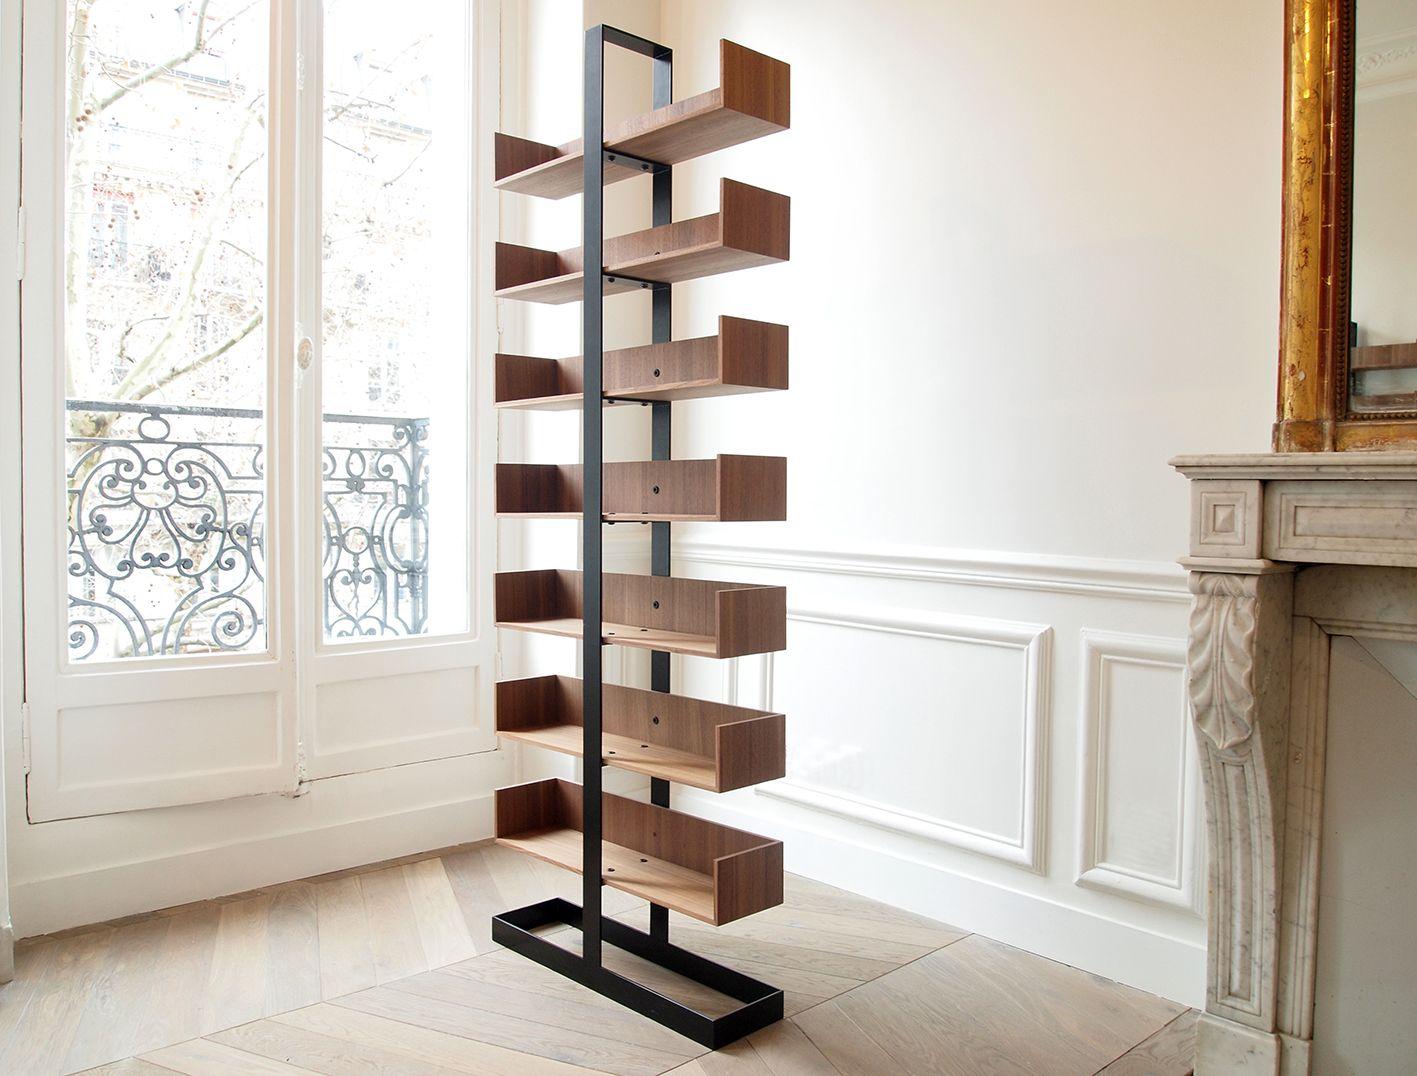 OLYMPUS DIGITAL CAMERA | Estanterías de madera | Pinterest ...